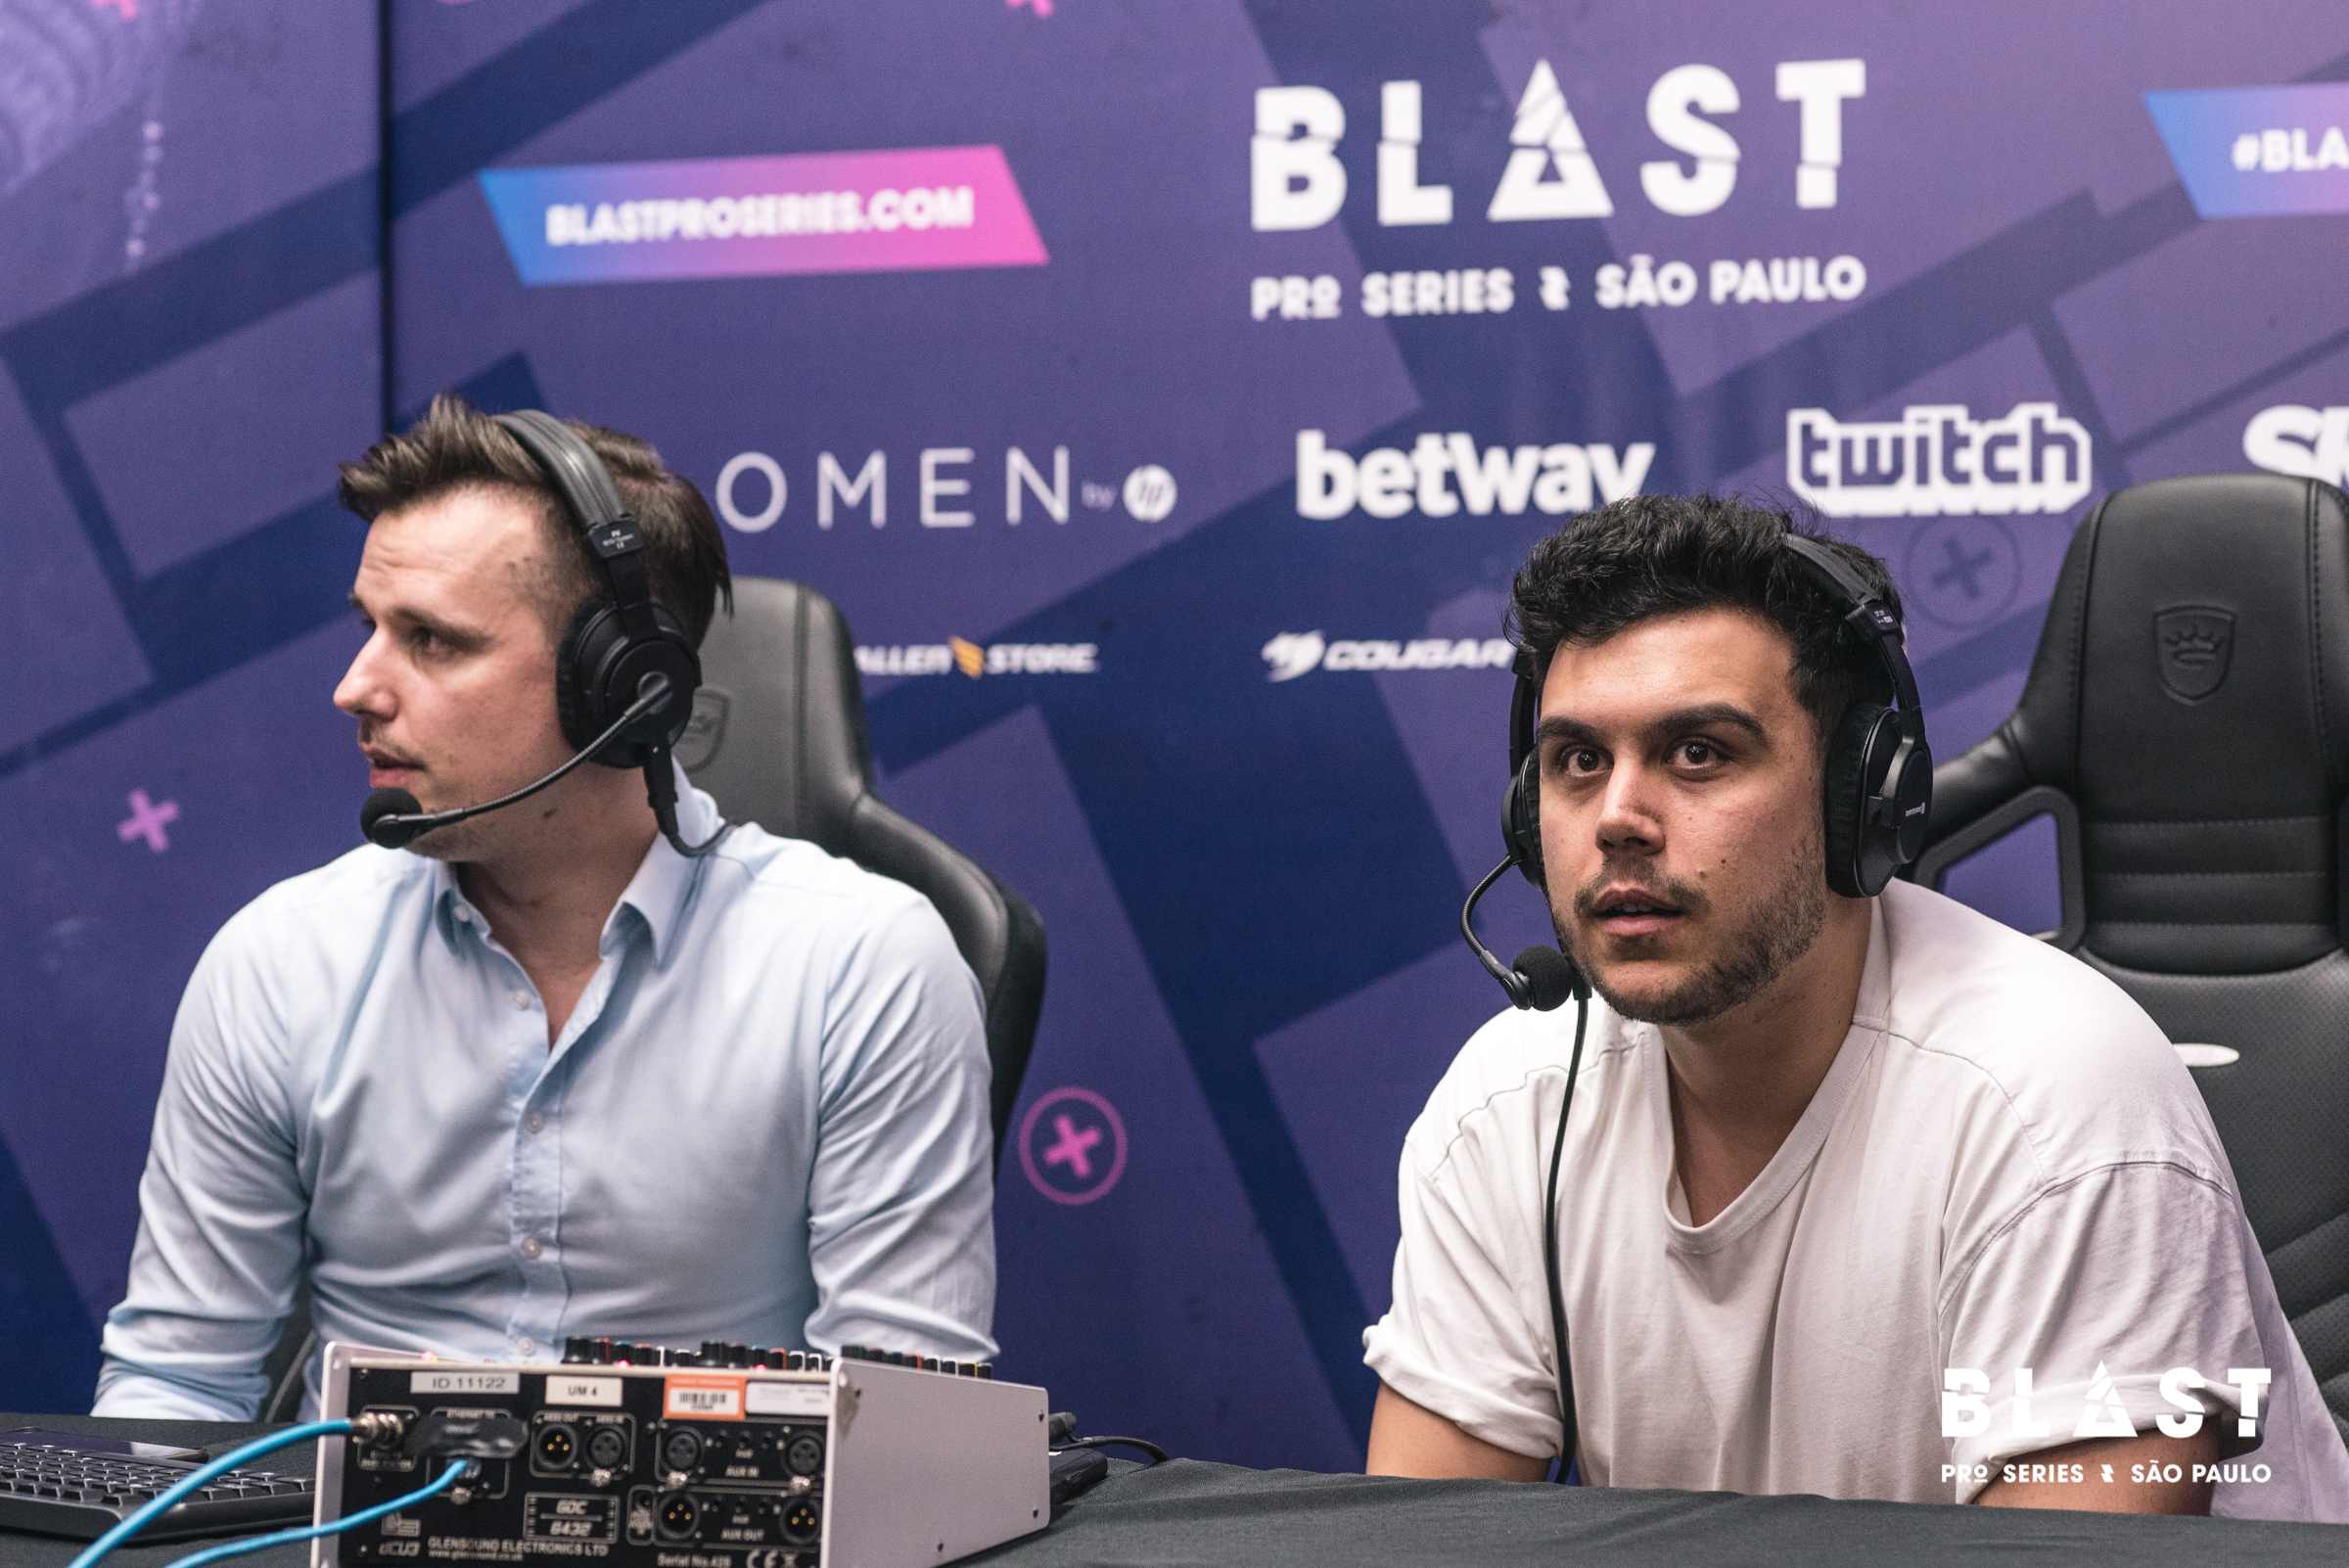 BLAST-SaoPaulo_LeoSang_FullSet-313.jpg